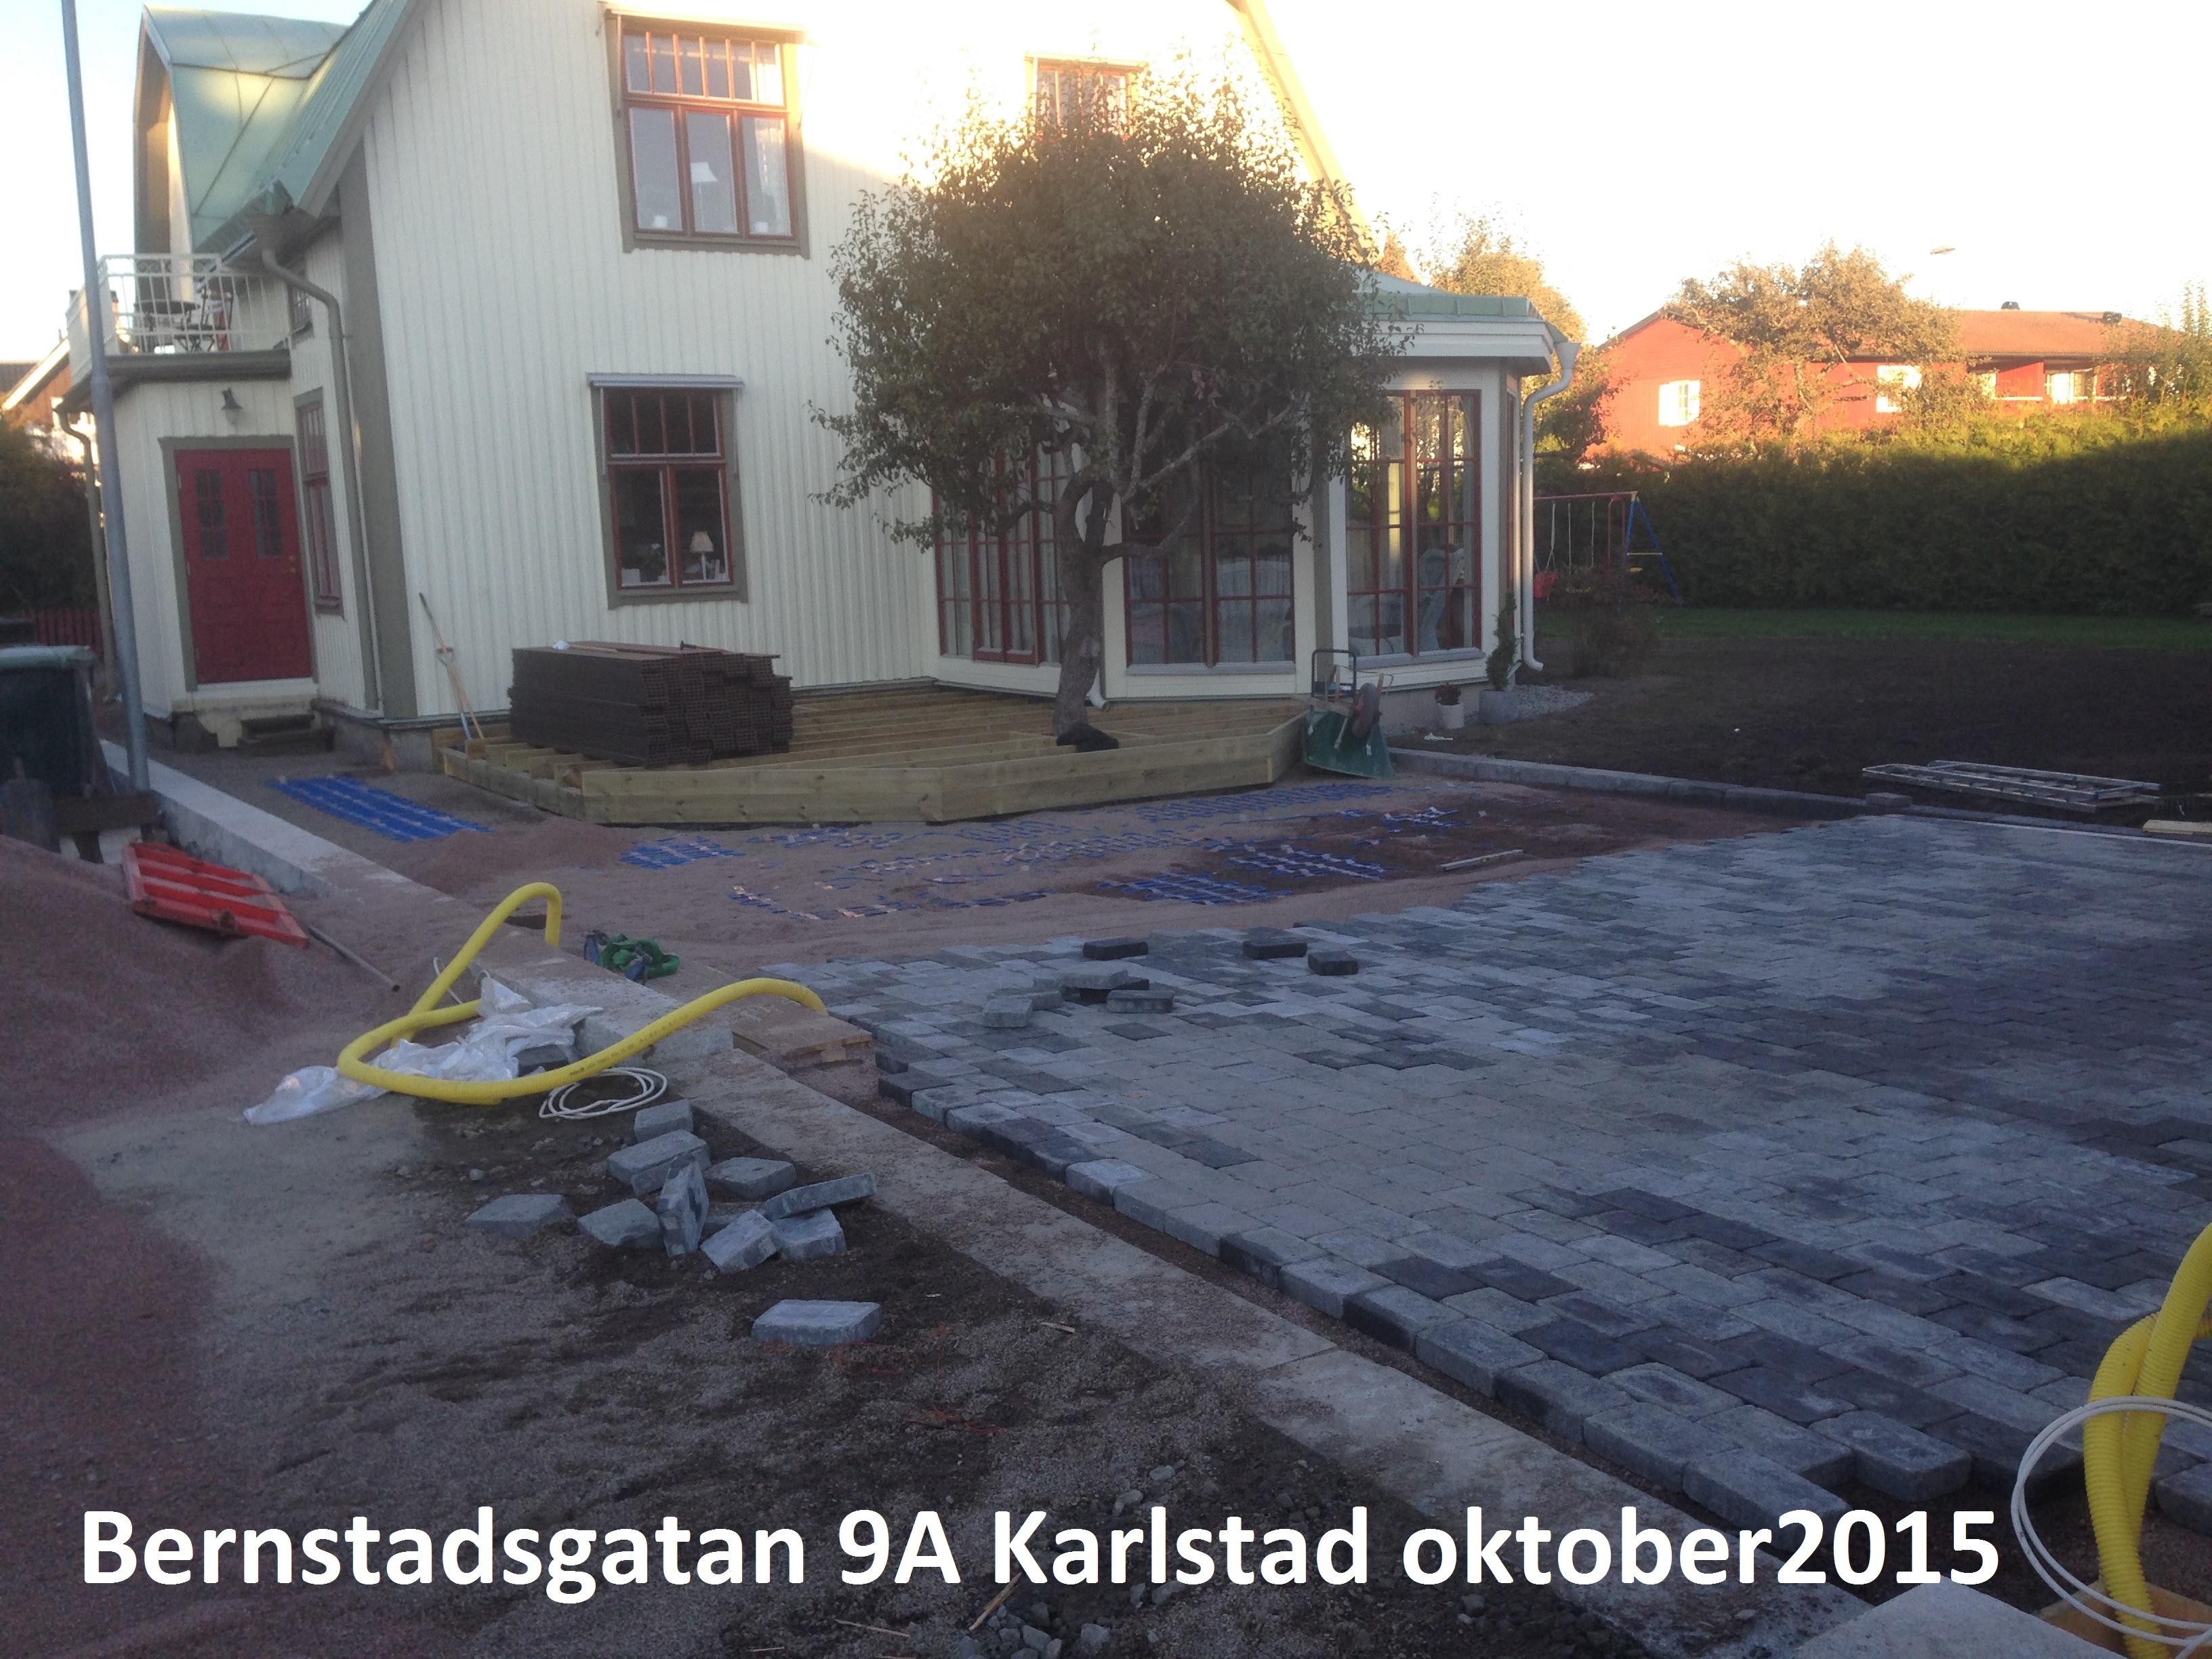 Bernstadsgatan 9A karlstad oktober2015 (5)